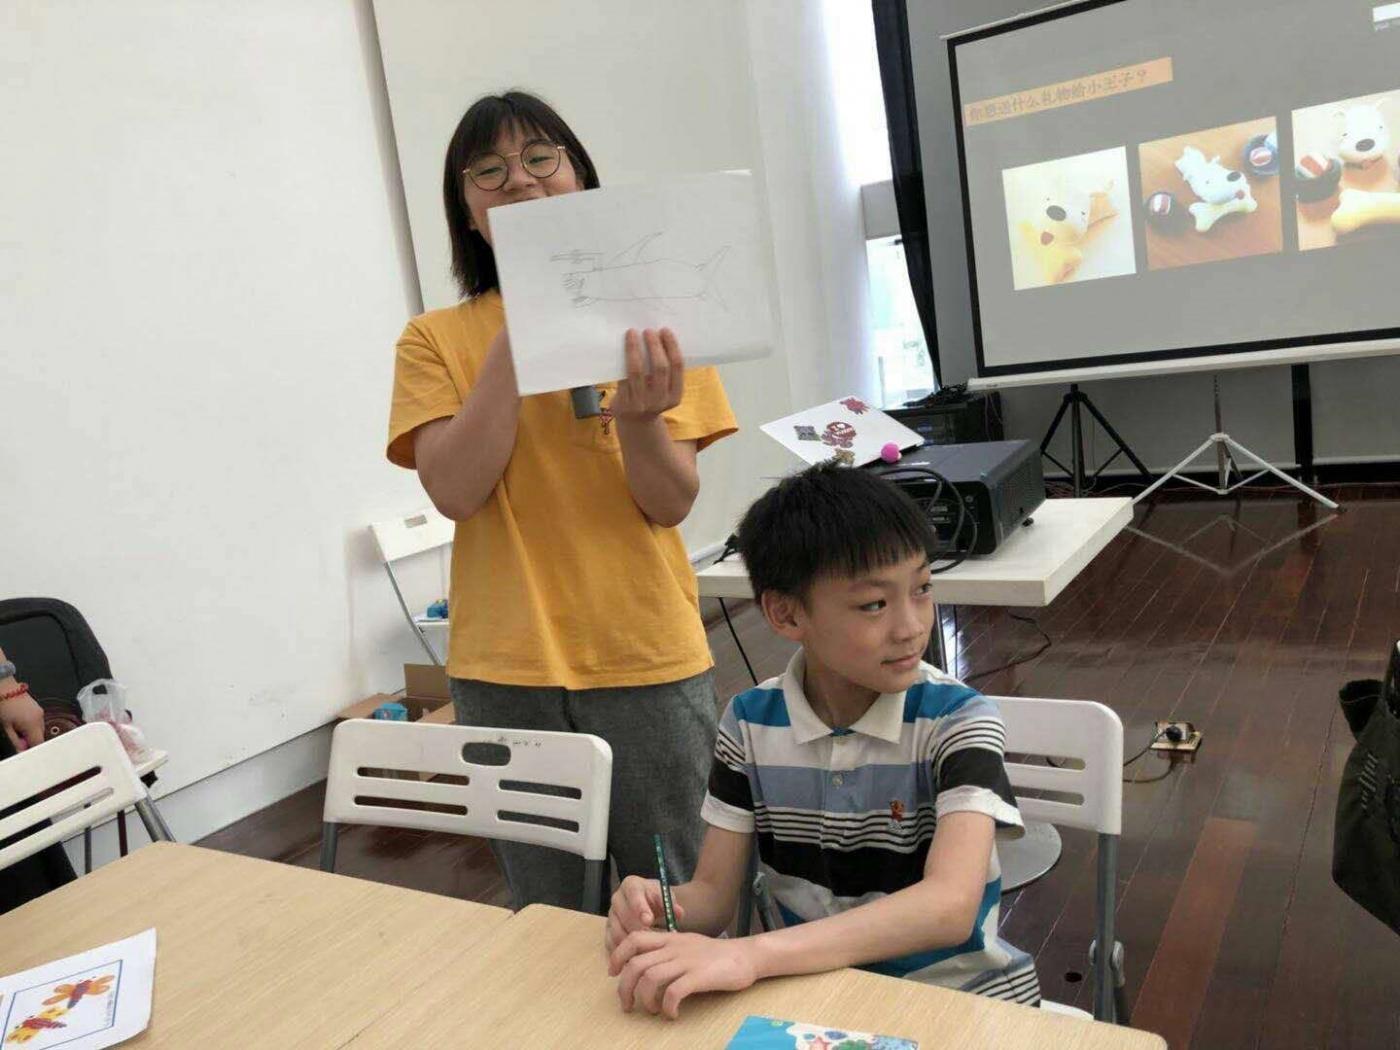 上海余德耀美术馆:小创客工作坊_图1-20